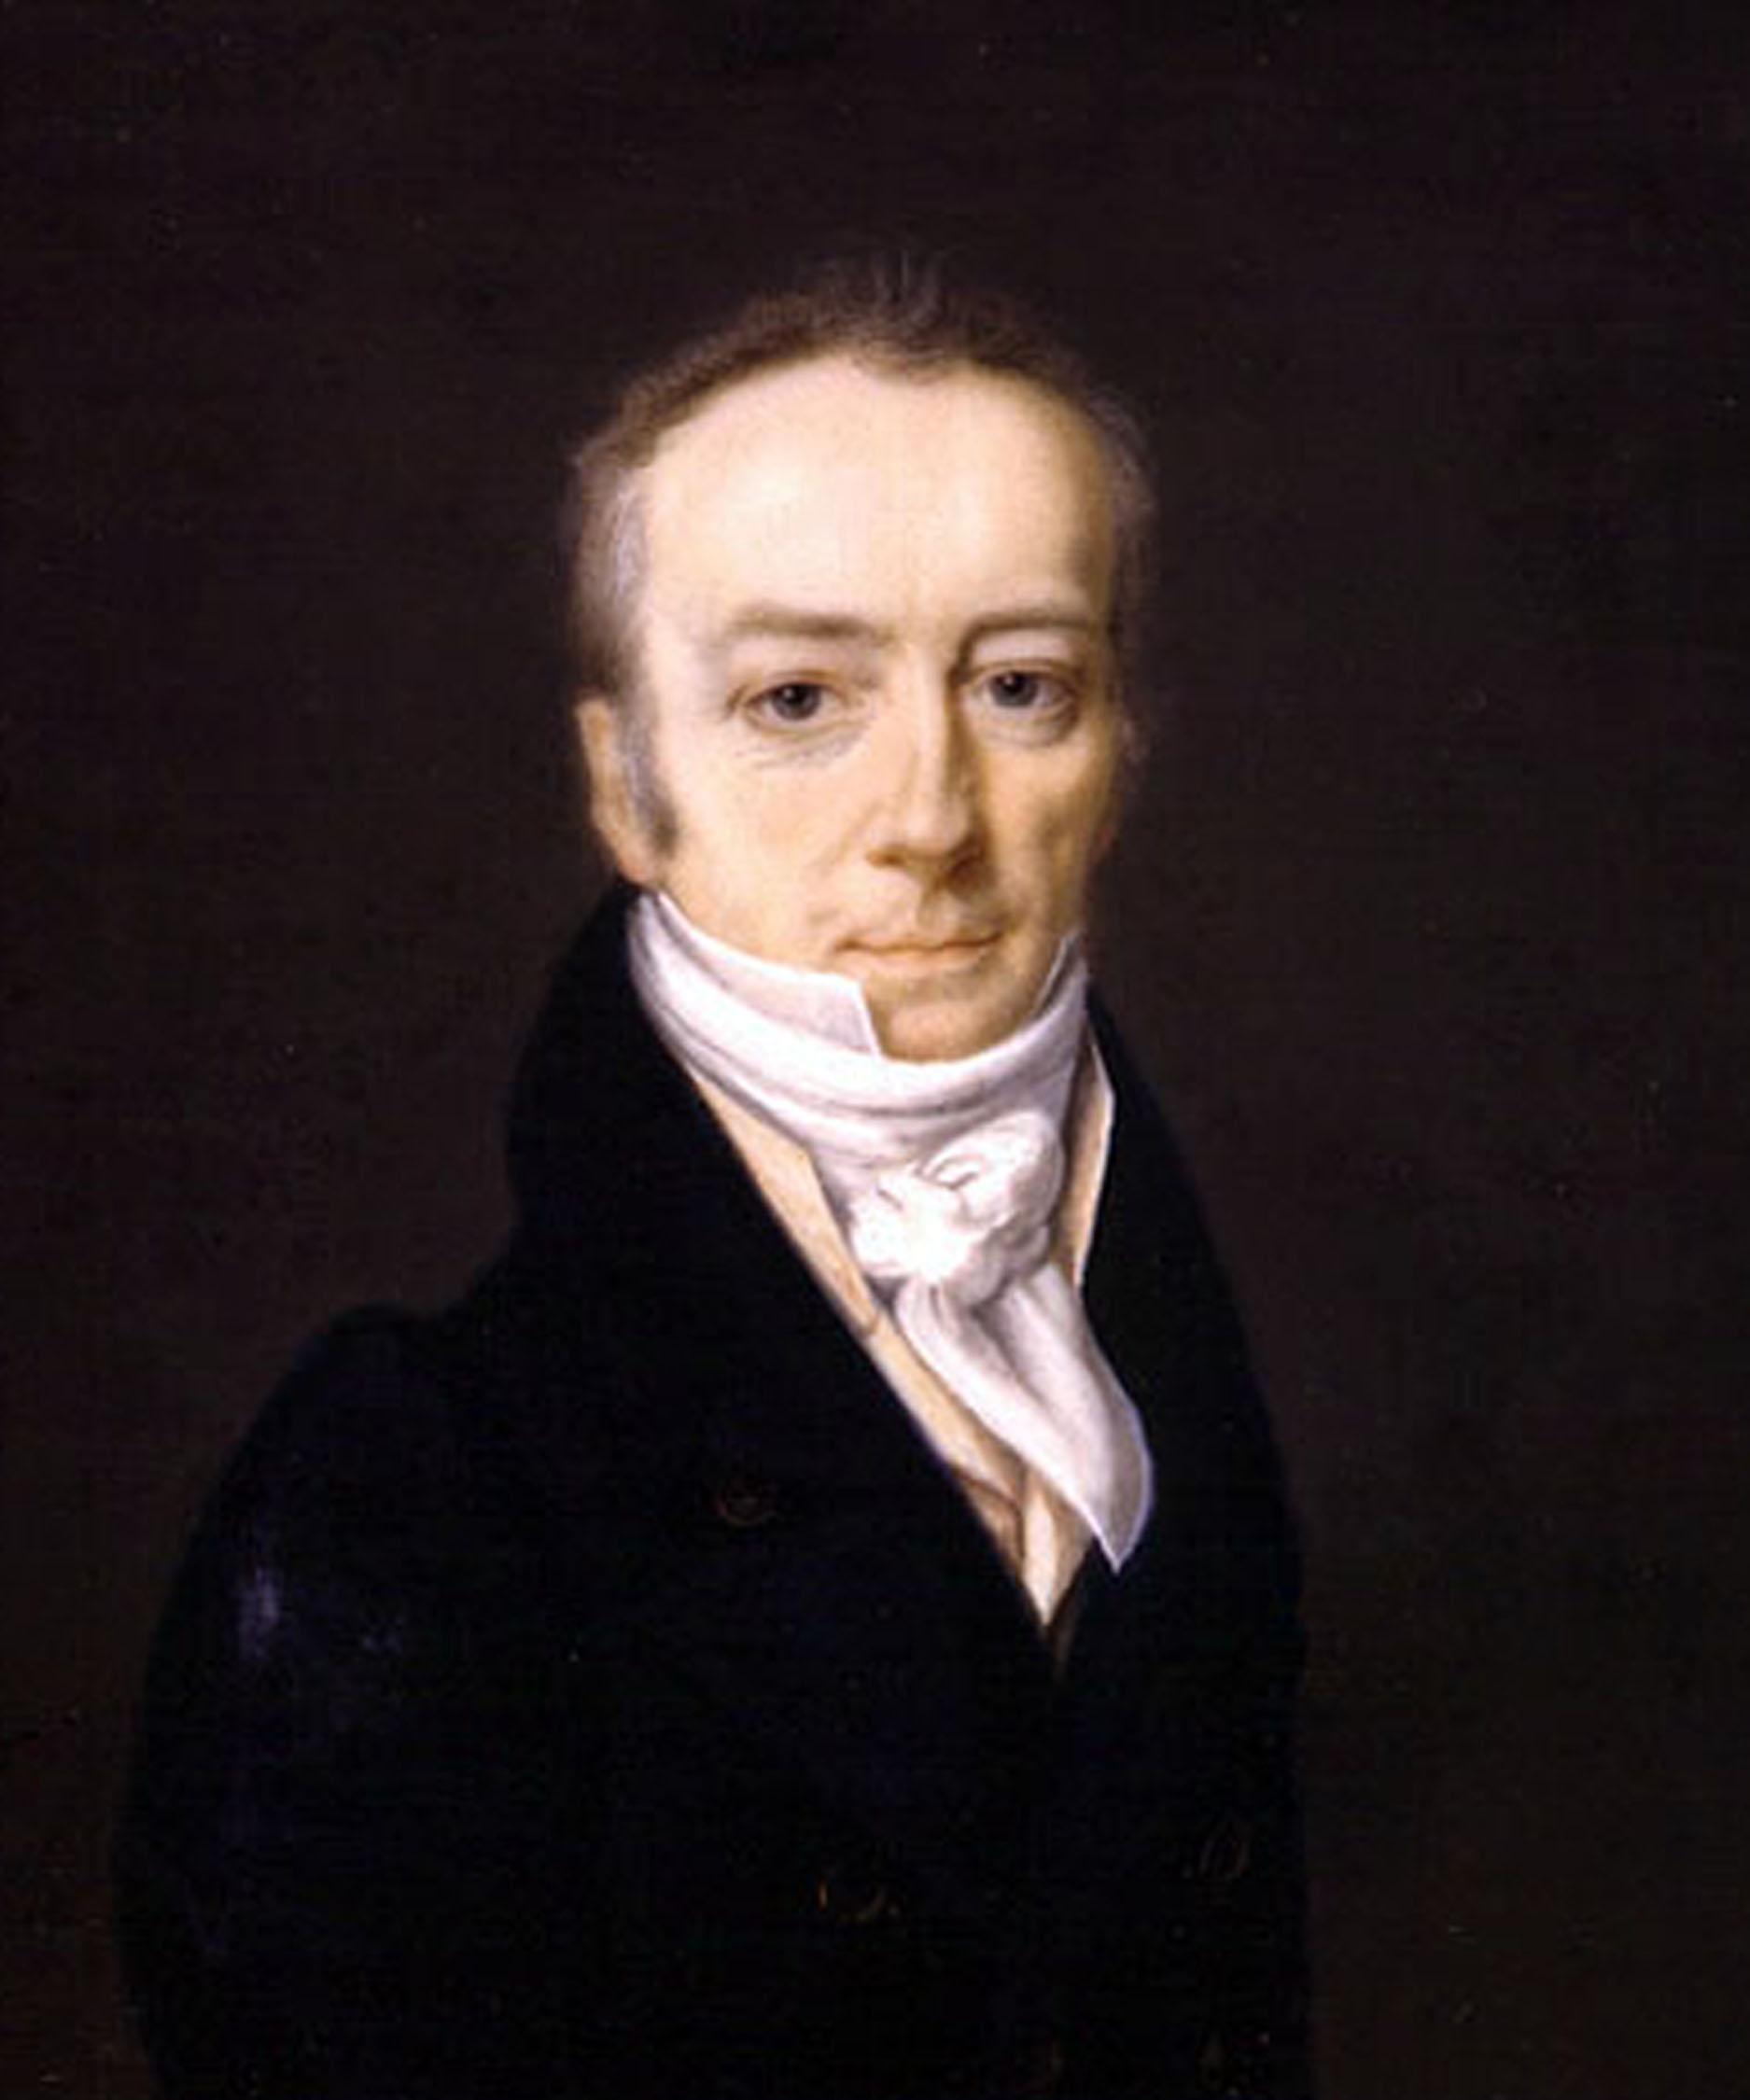 James Smithson by Henri-Joseph Johns, 1816